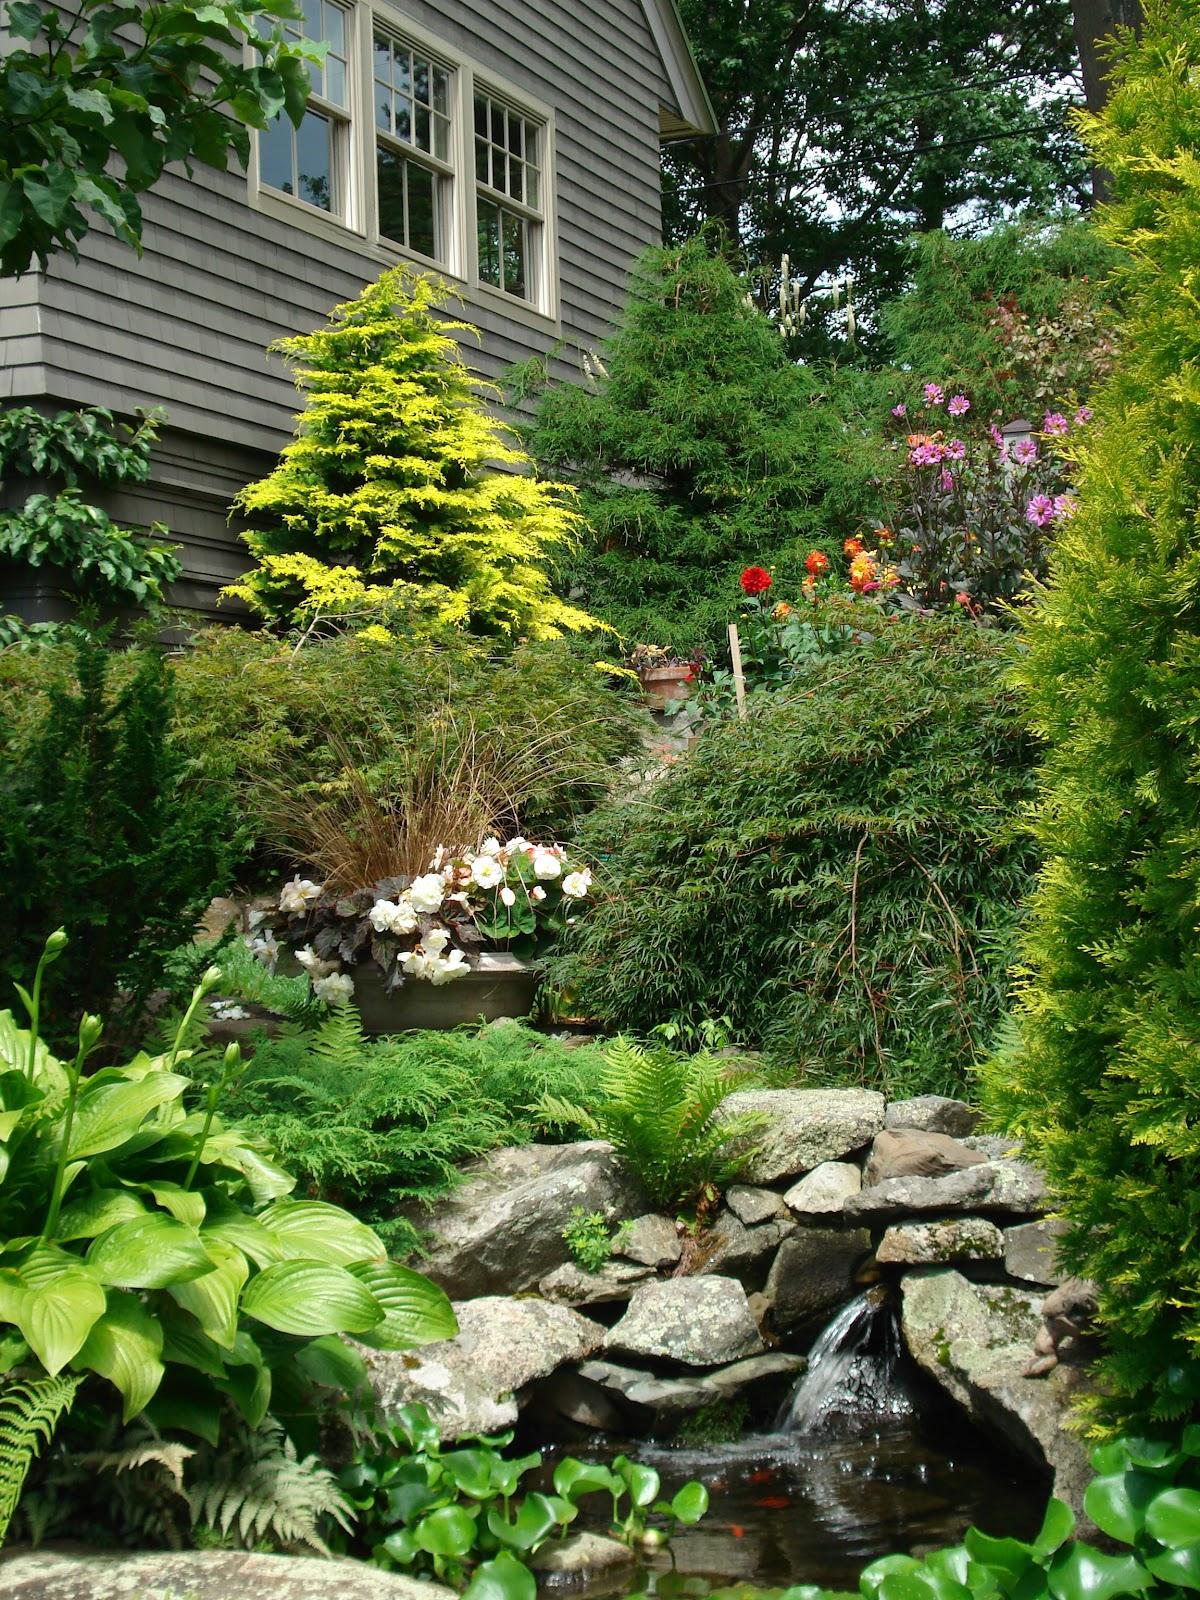 Ipswich Garden Club Garden Conservancy Open Days From Gail